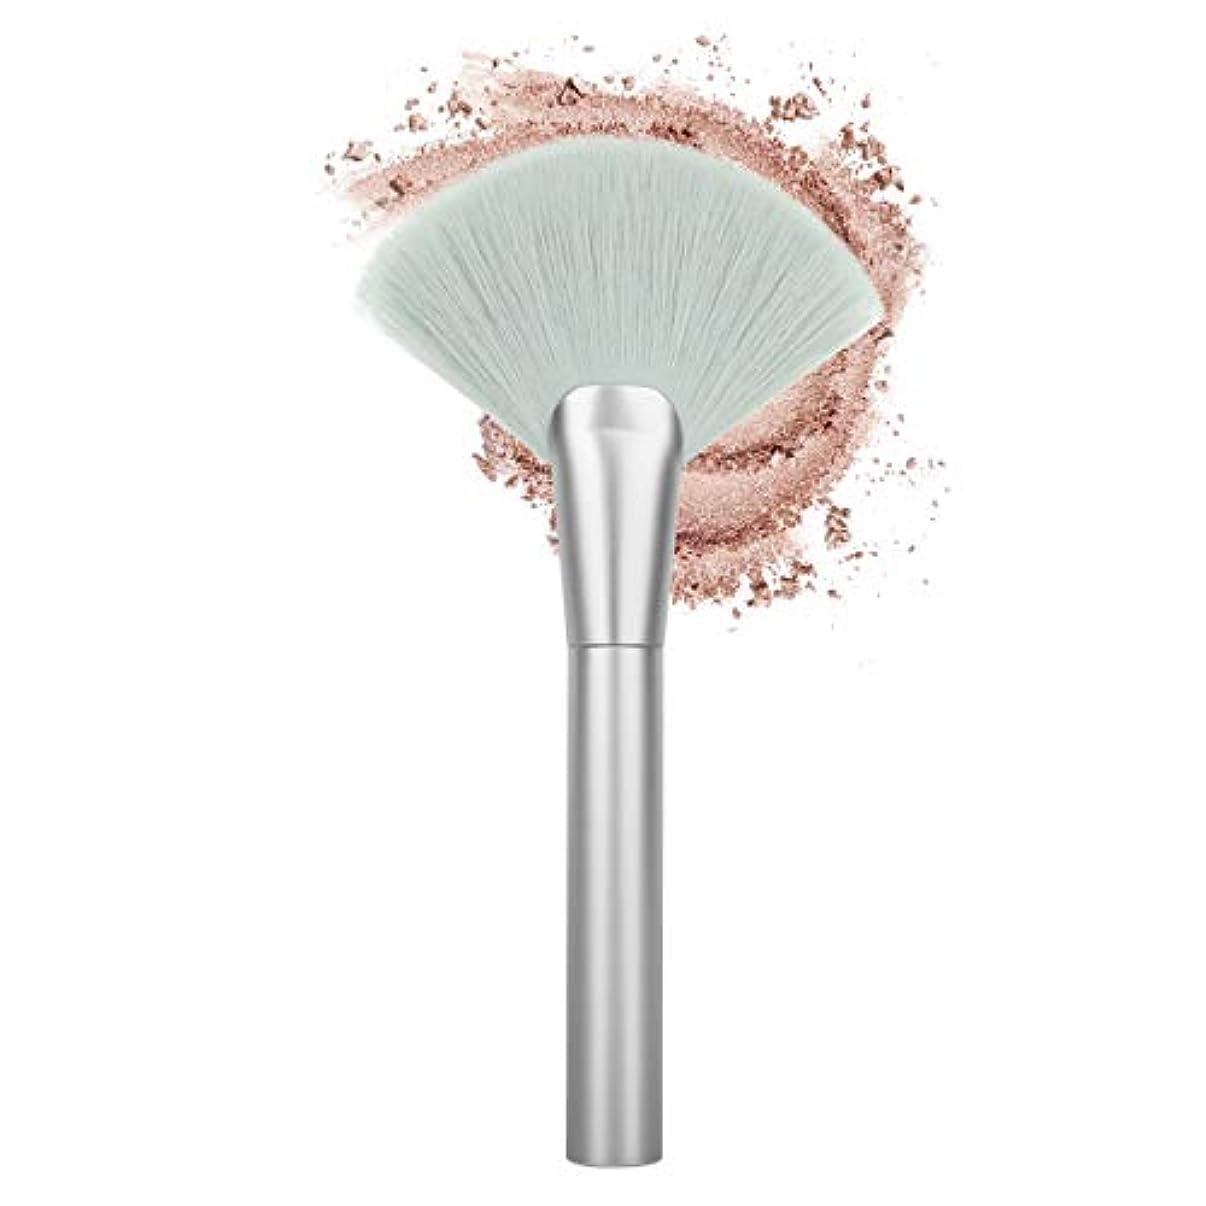 細部フリースベッドを作るLuxspire メイクブラシ 化粧 ブラシ 1本 ファンデーションブラシ シャドウ フェイスブラシ 高級 化粧筆 扇形 ふわふわ 敏感肌適用 高級タクロン 清らか 緑銀色